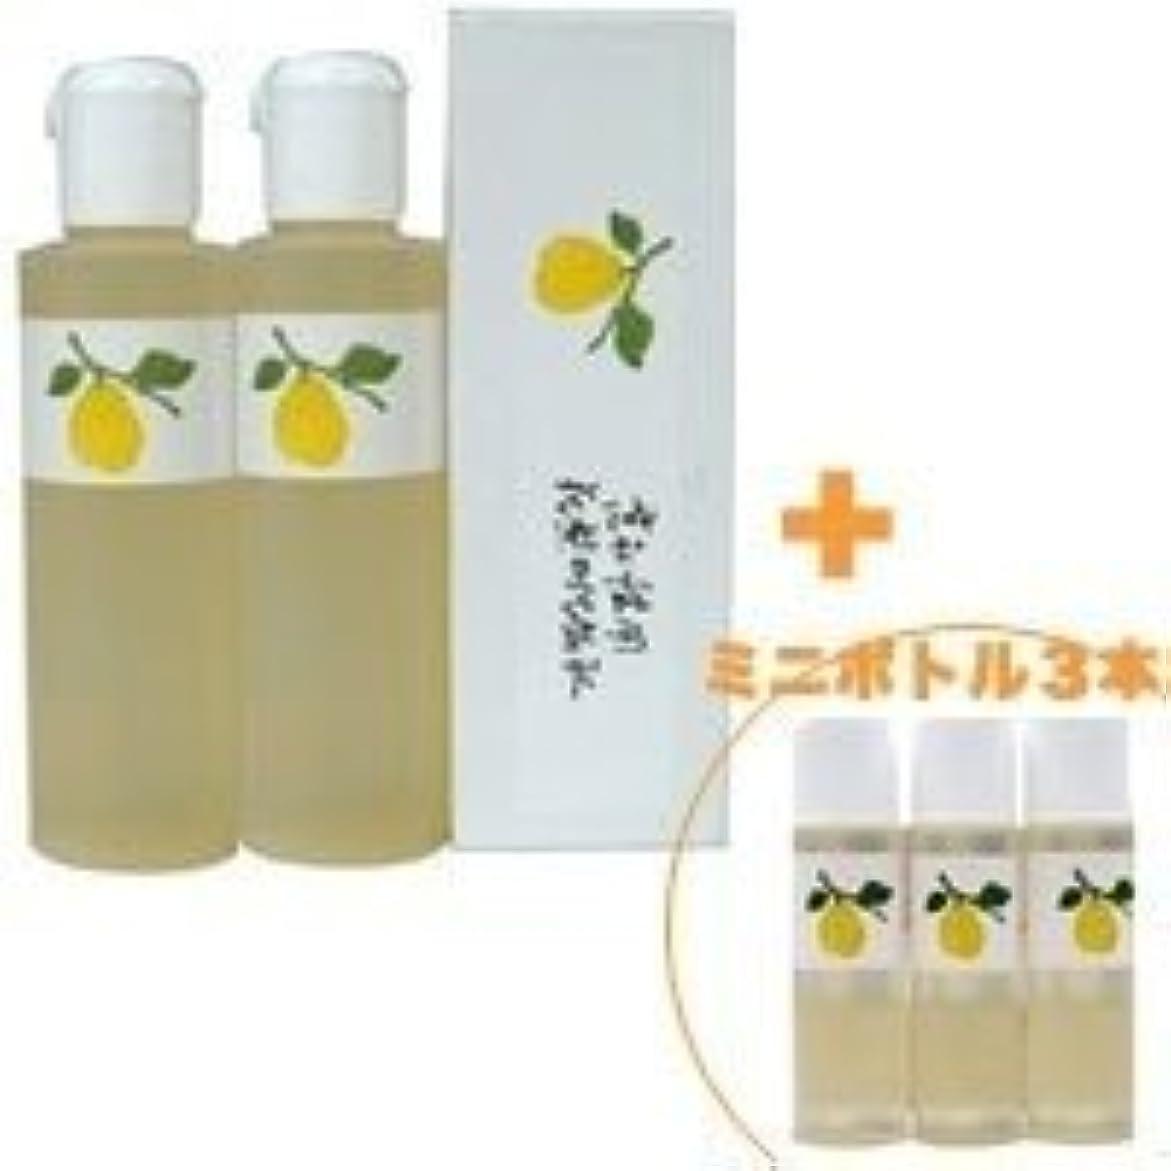 いうアーティキュレーション変数花梨の化粧水 200ml 2本&ミニボトル 3本 美容液 栄養クリームのいらないお肌へ 保湿と乾燥対策に